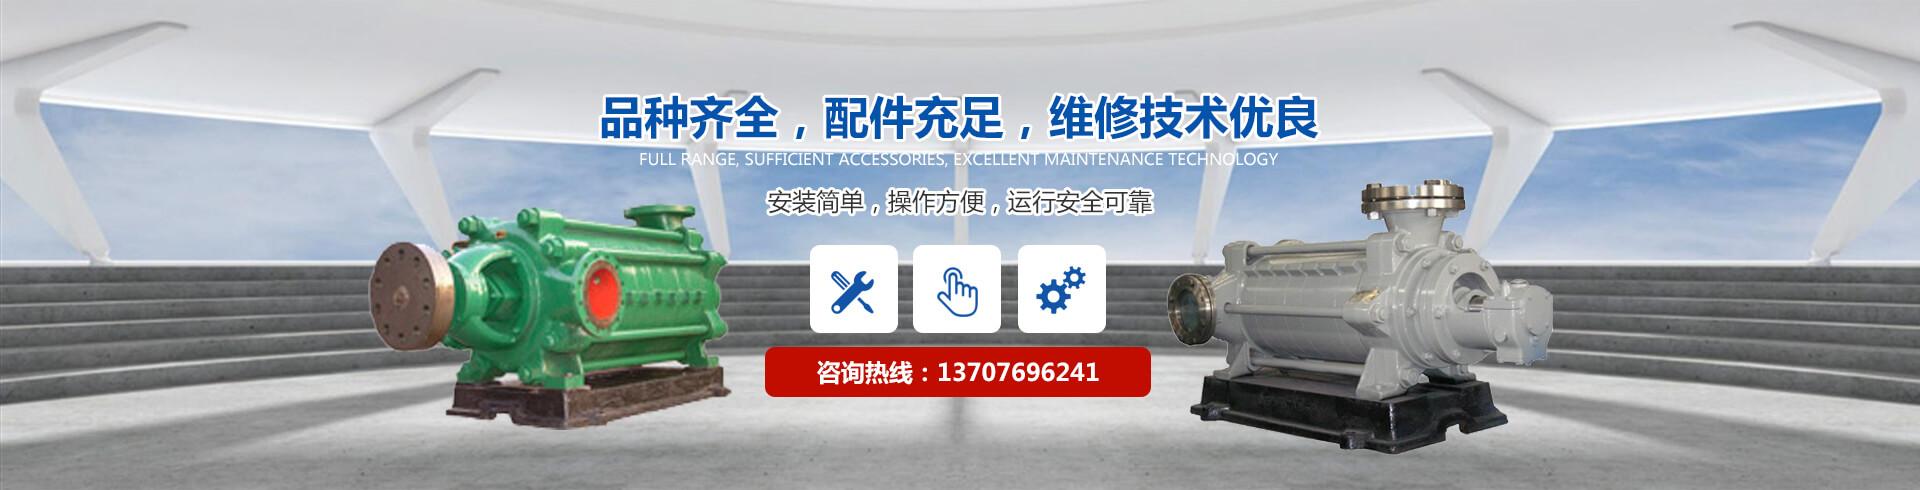 亿博体育会员注册_yibo亿博app 主頁欢迎您!!